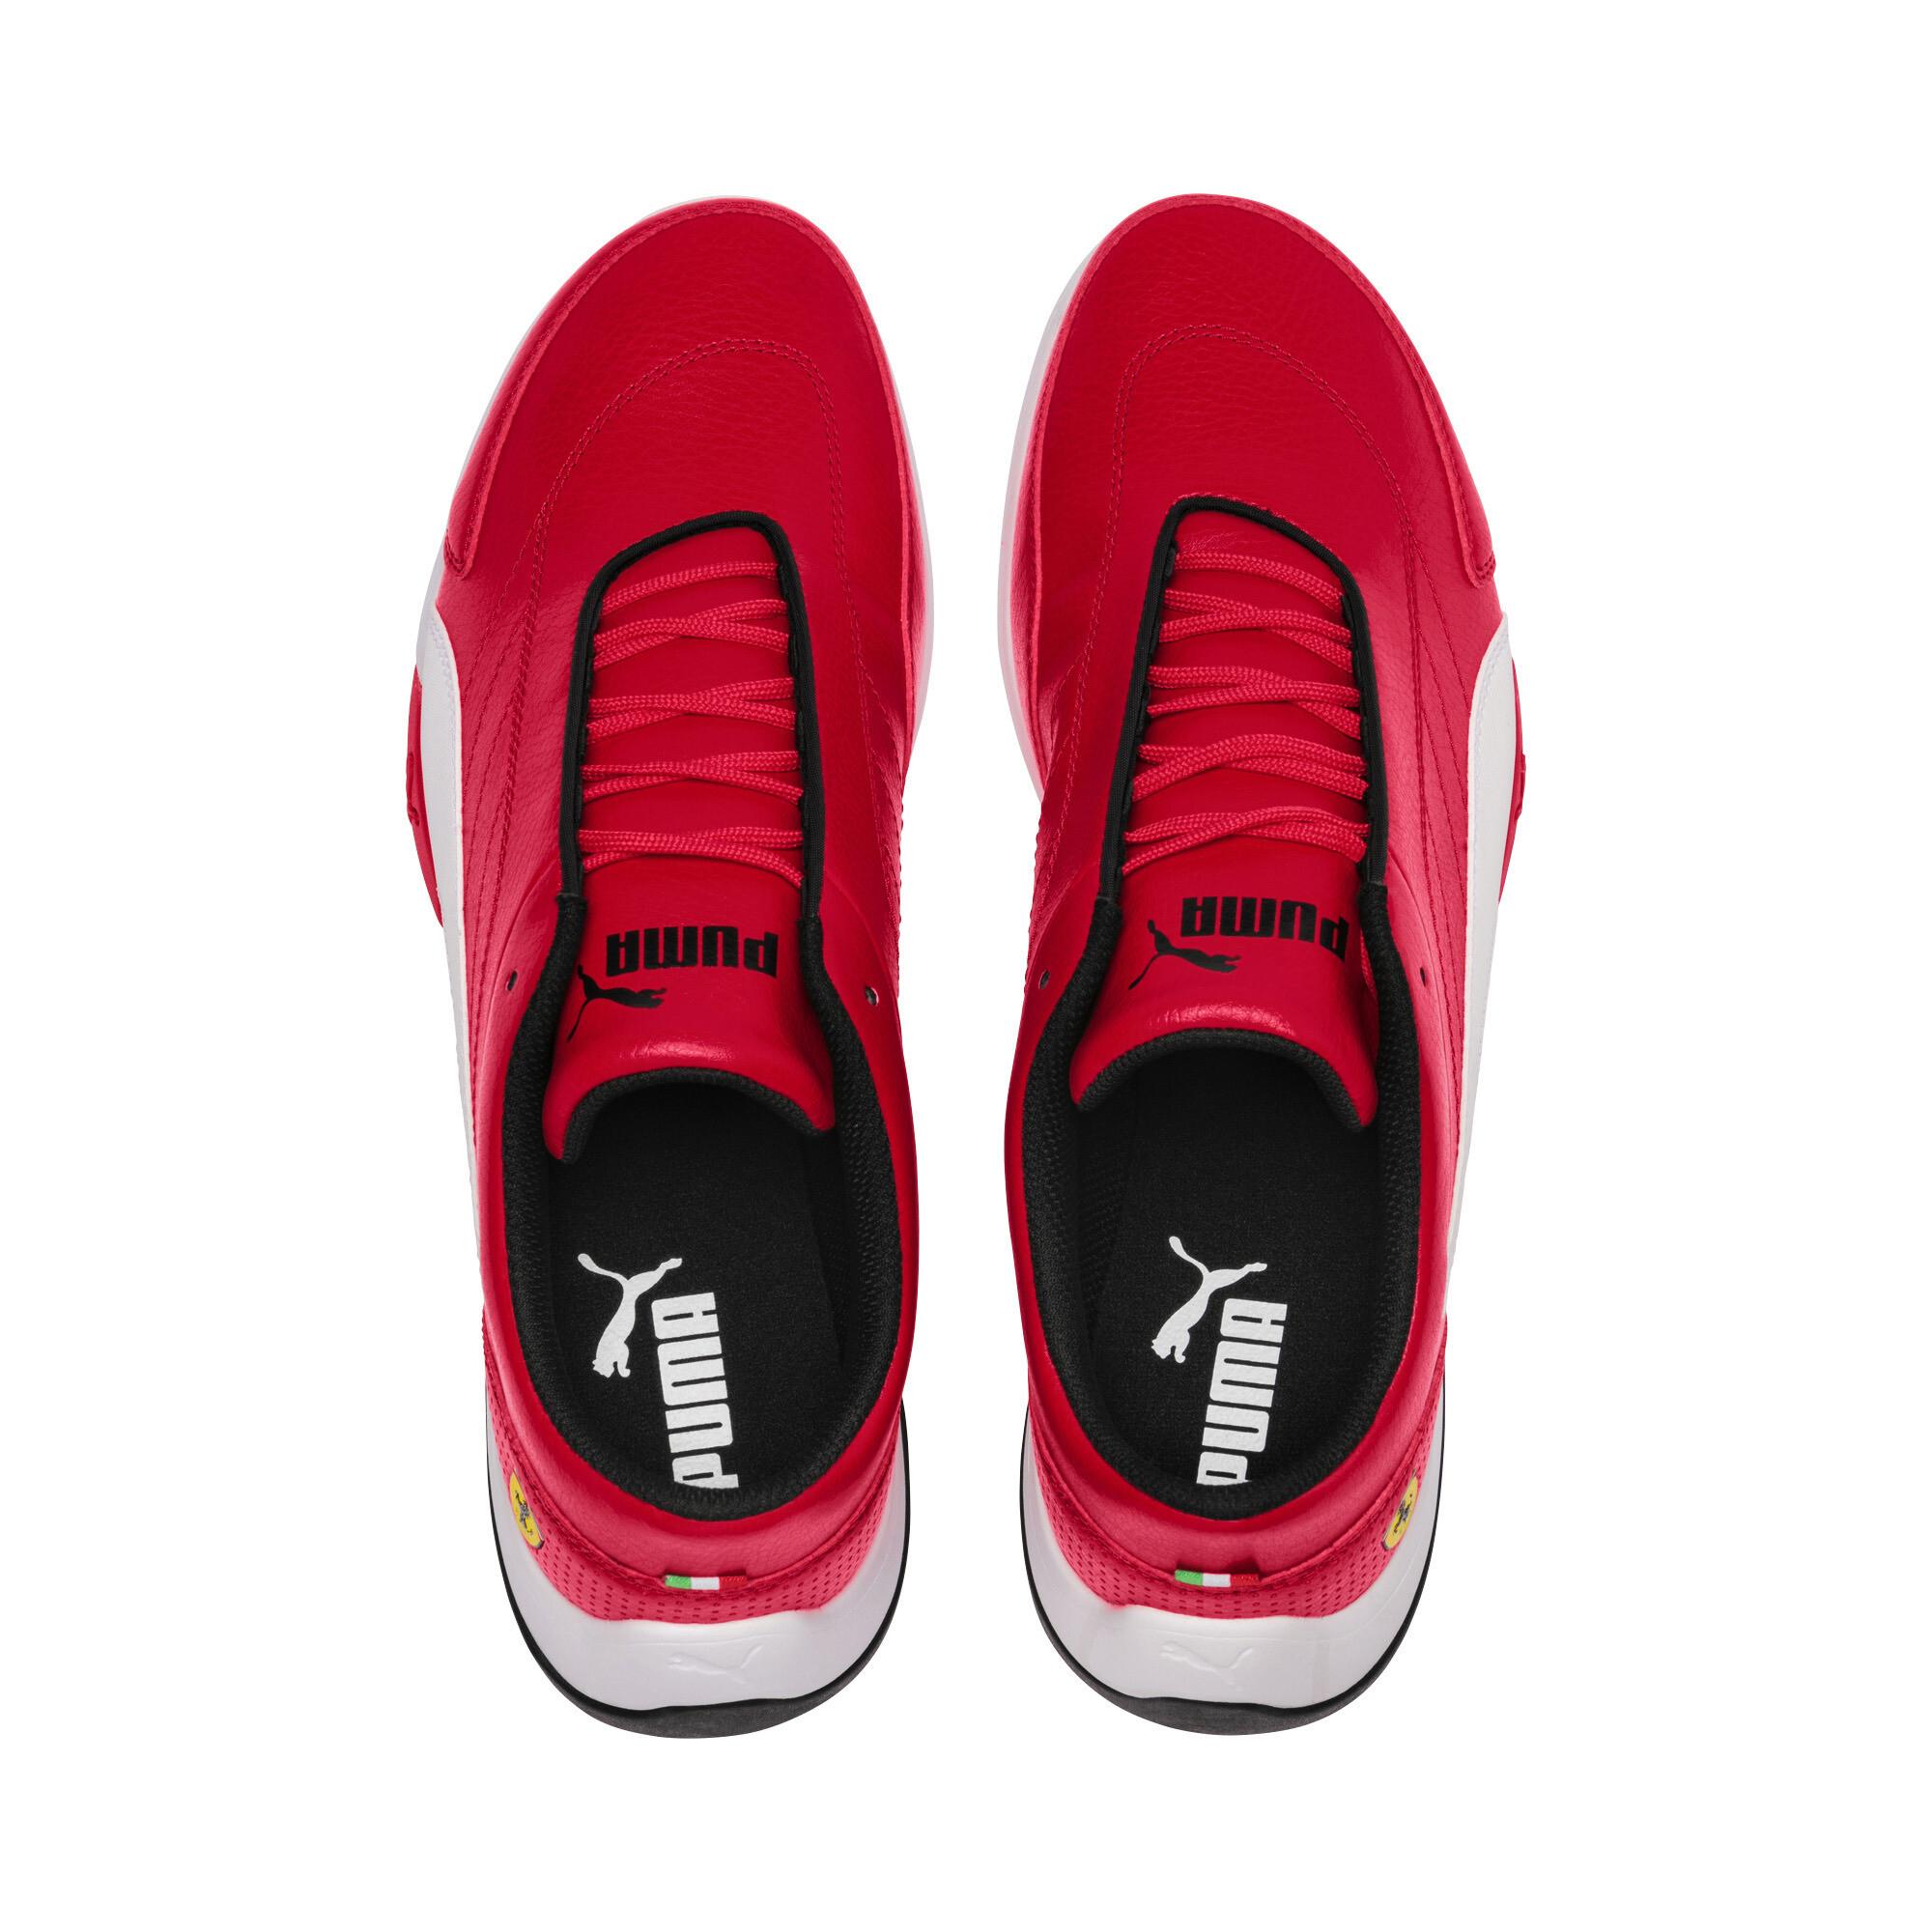 PUMA-Scuderia-Ferrari-Kart-Cat-III-Shoes-Men-Shoe-Auto thumbnail 25